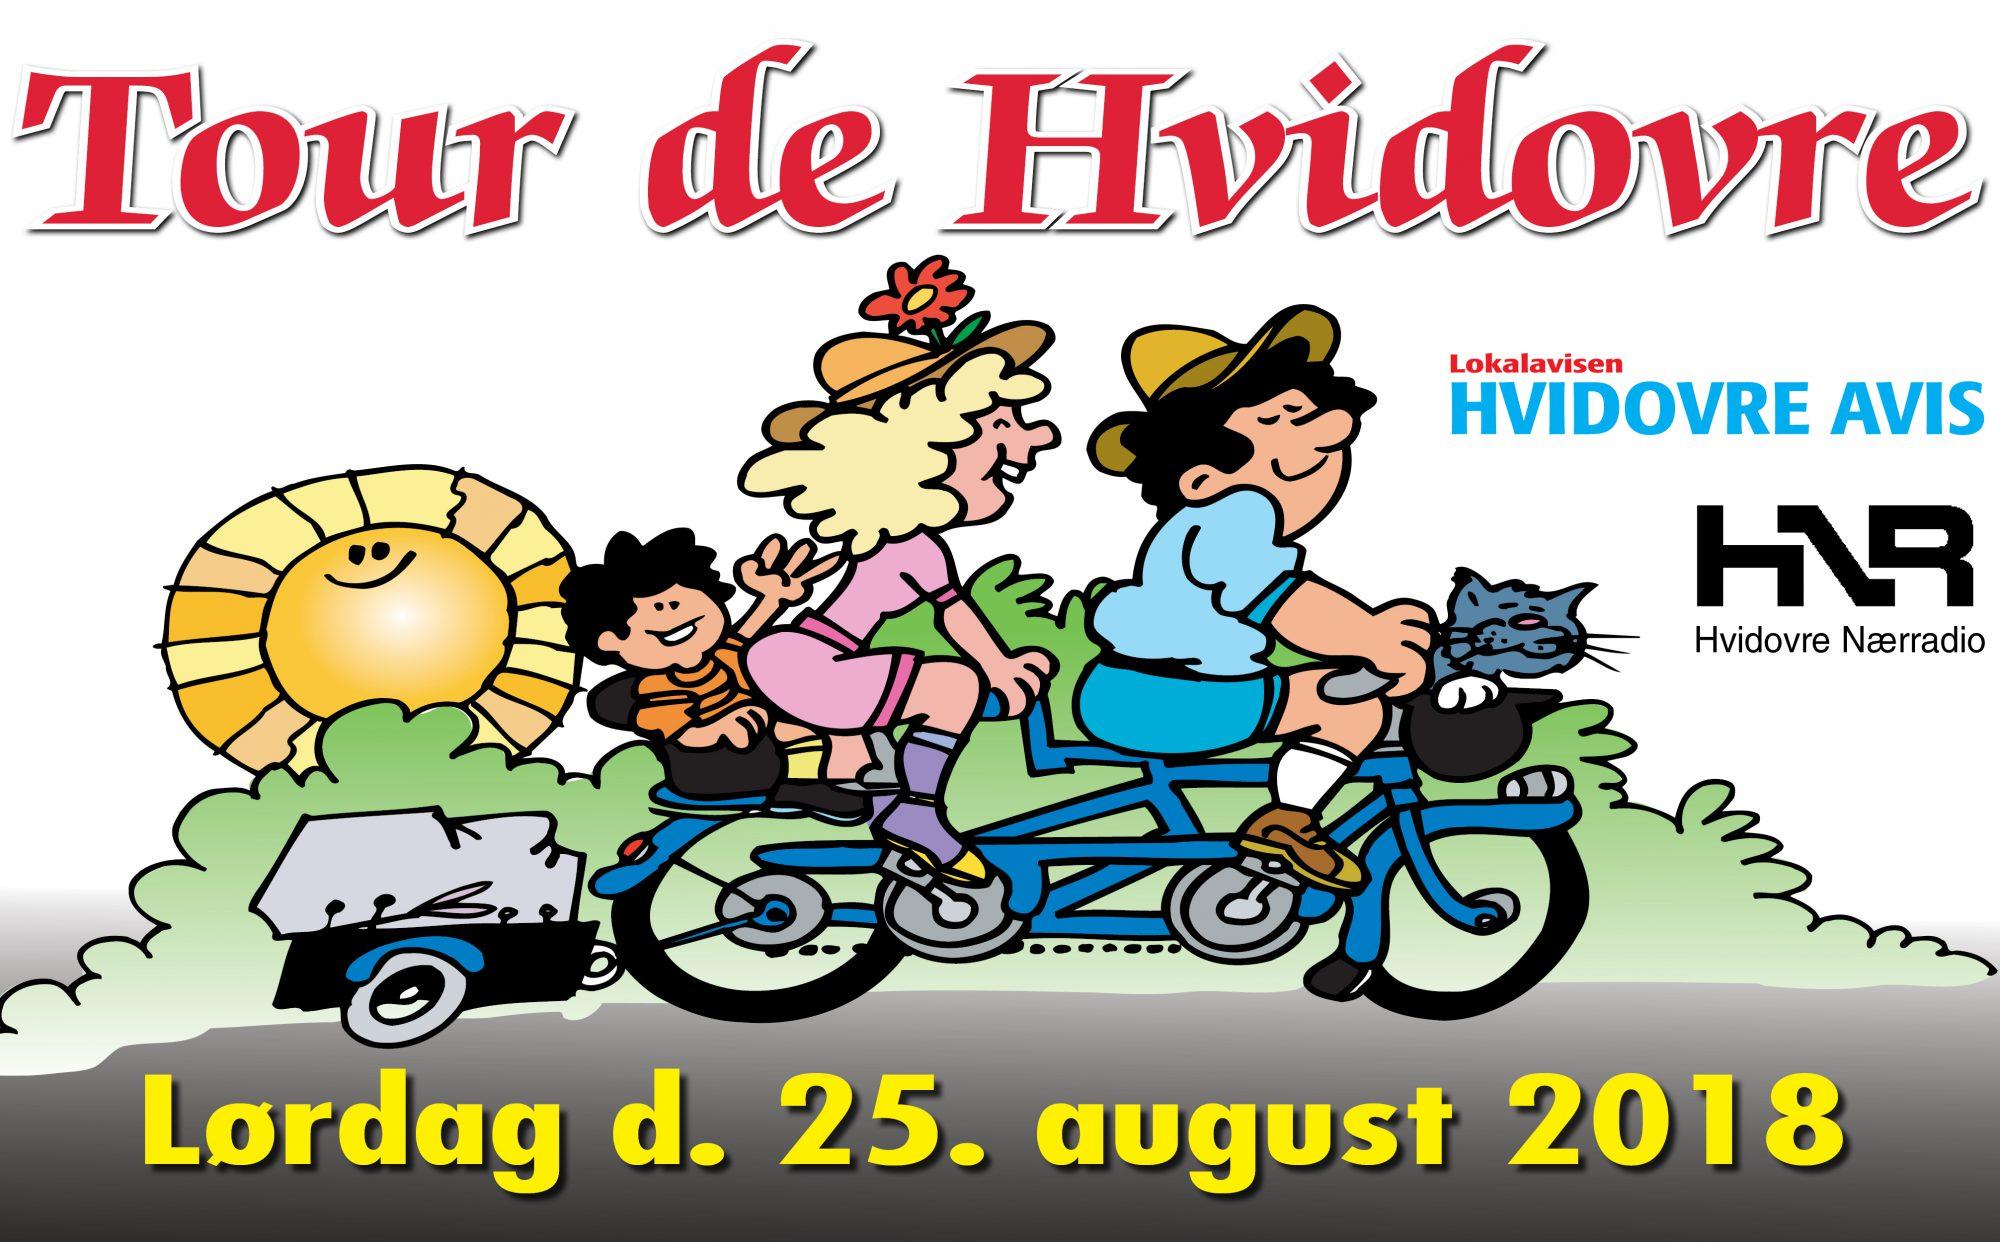 Tour de Hvidovre 2018